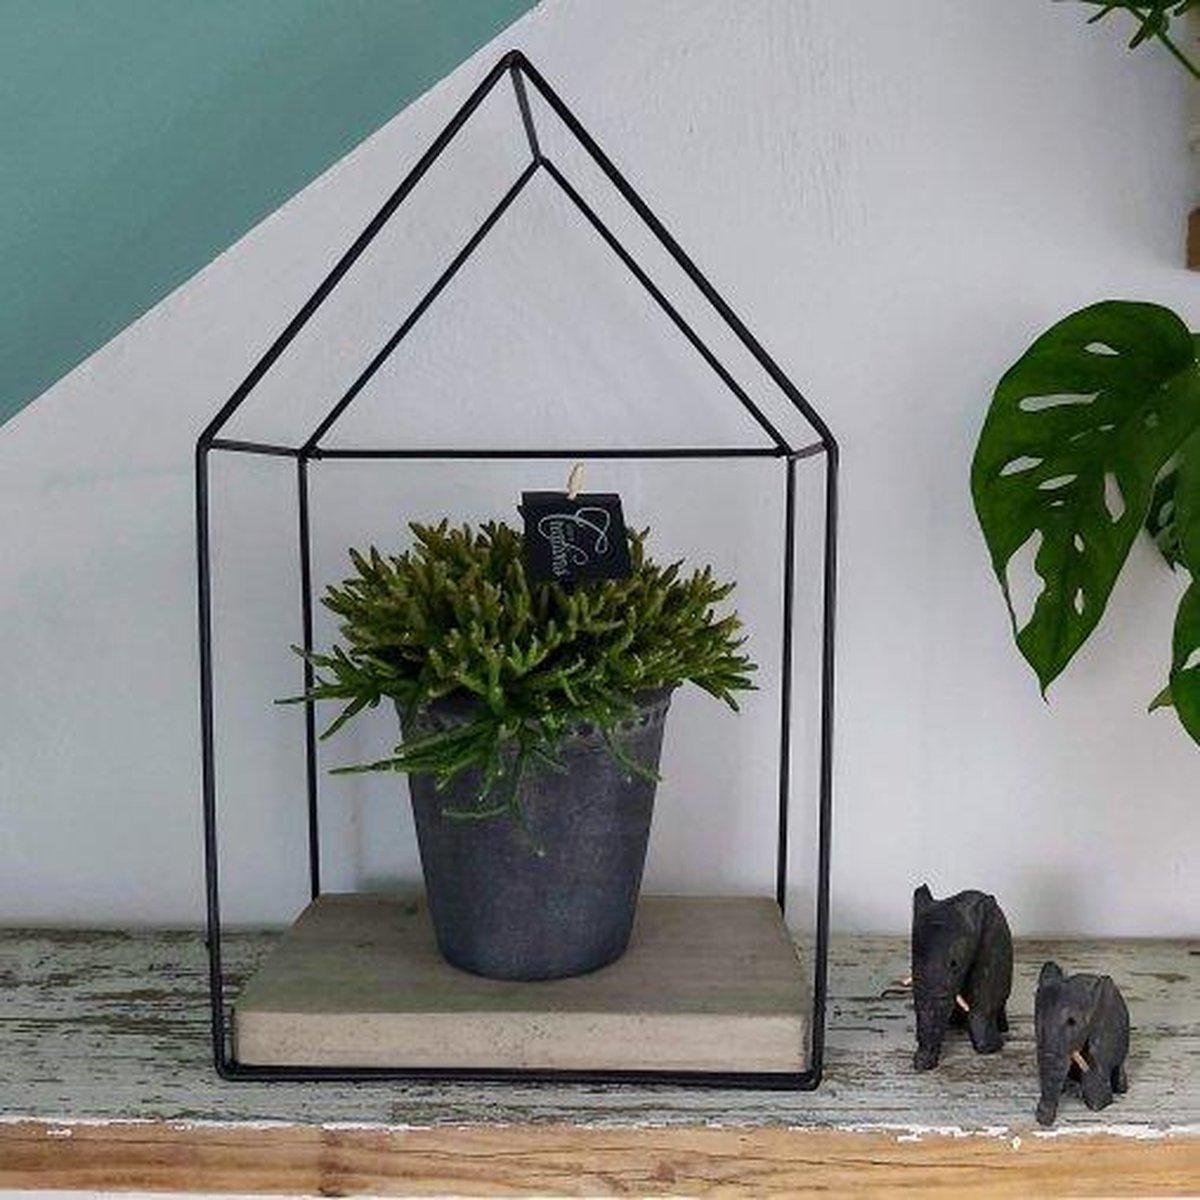 Kom snel kijken KADO-TIP! POT-PLANT COMBINATIES Tiny Greenhouse